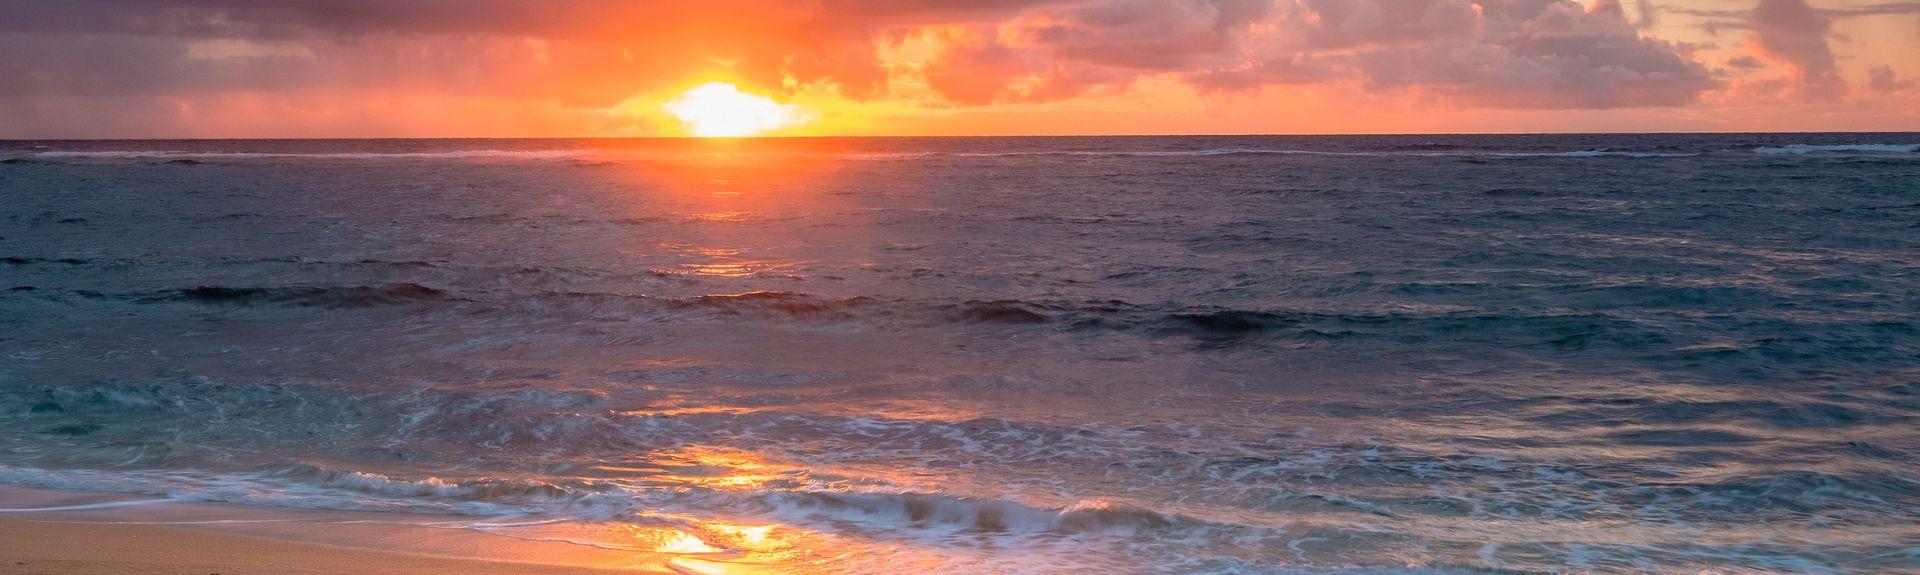 Wailua, Kauai, Hawái, Estados Unidos